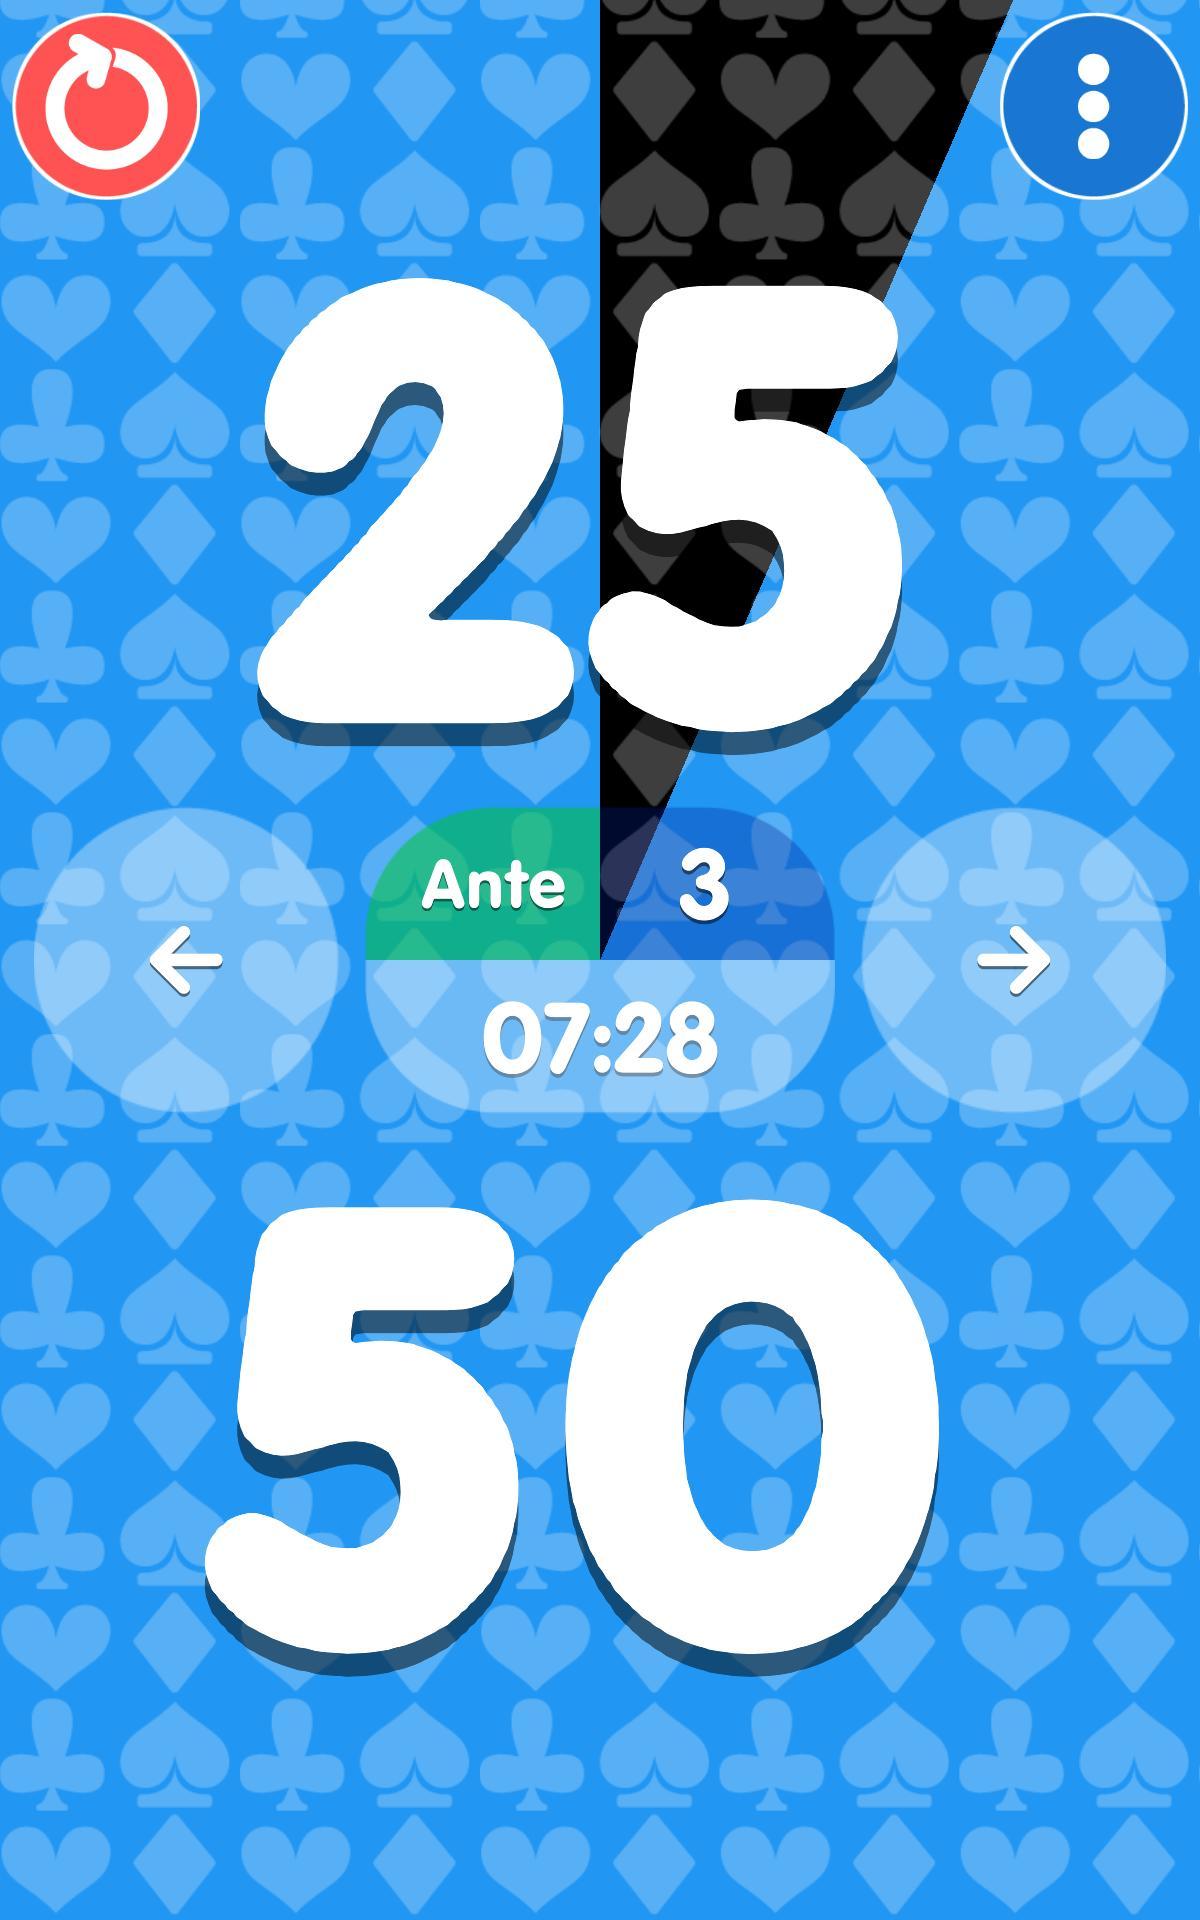 Онлайн таймер для покера монте карло карты как играть